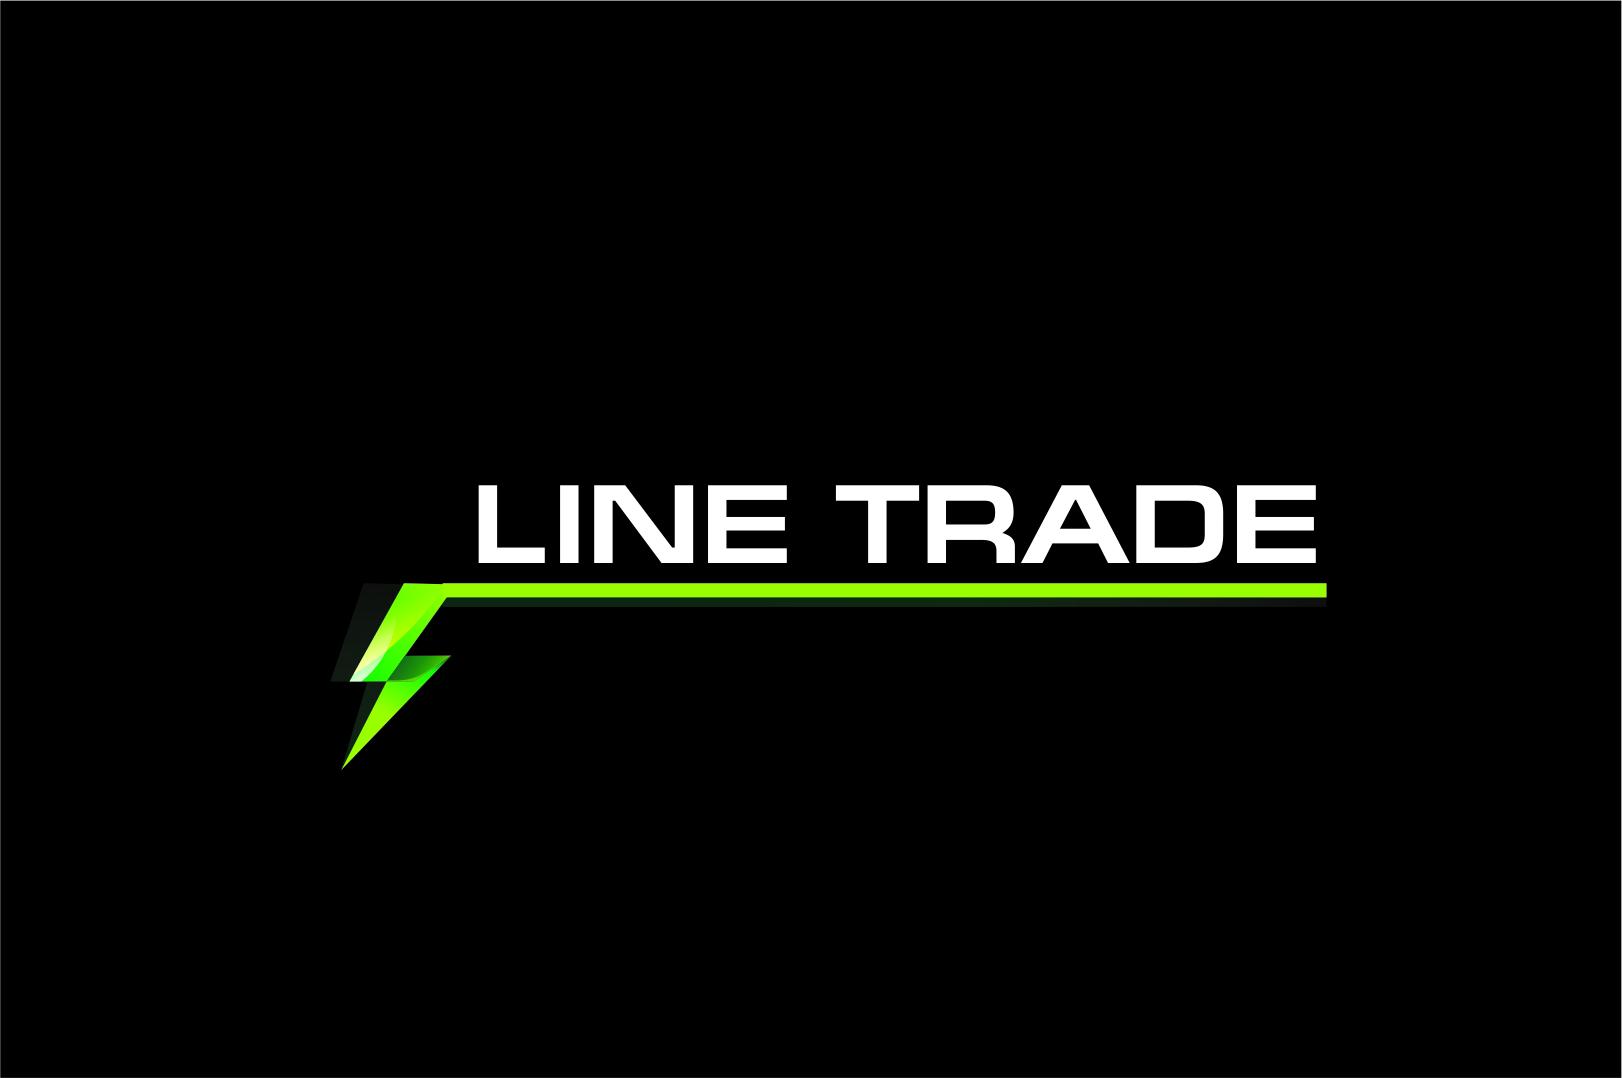 Разработка логотипа компании Line Trade фото f_61450f90818304e9.jpg